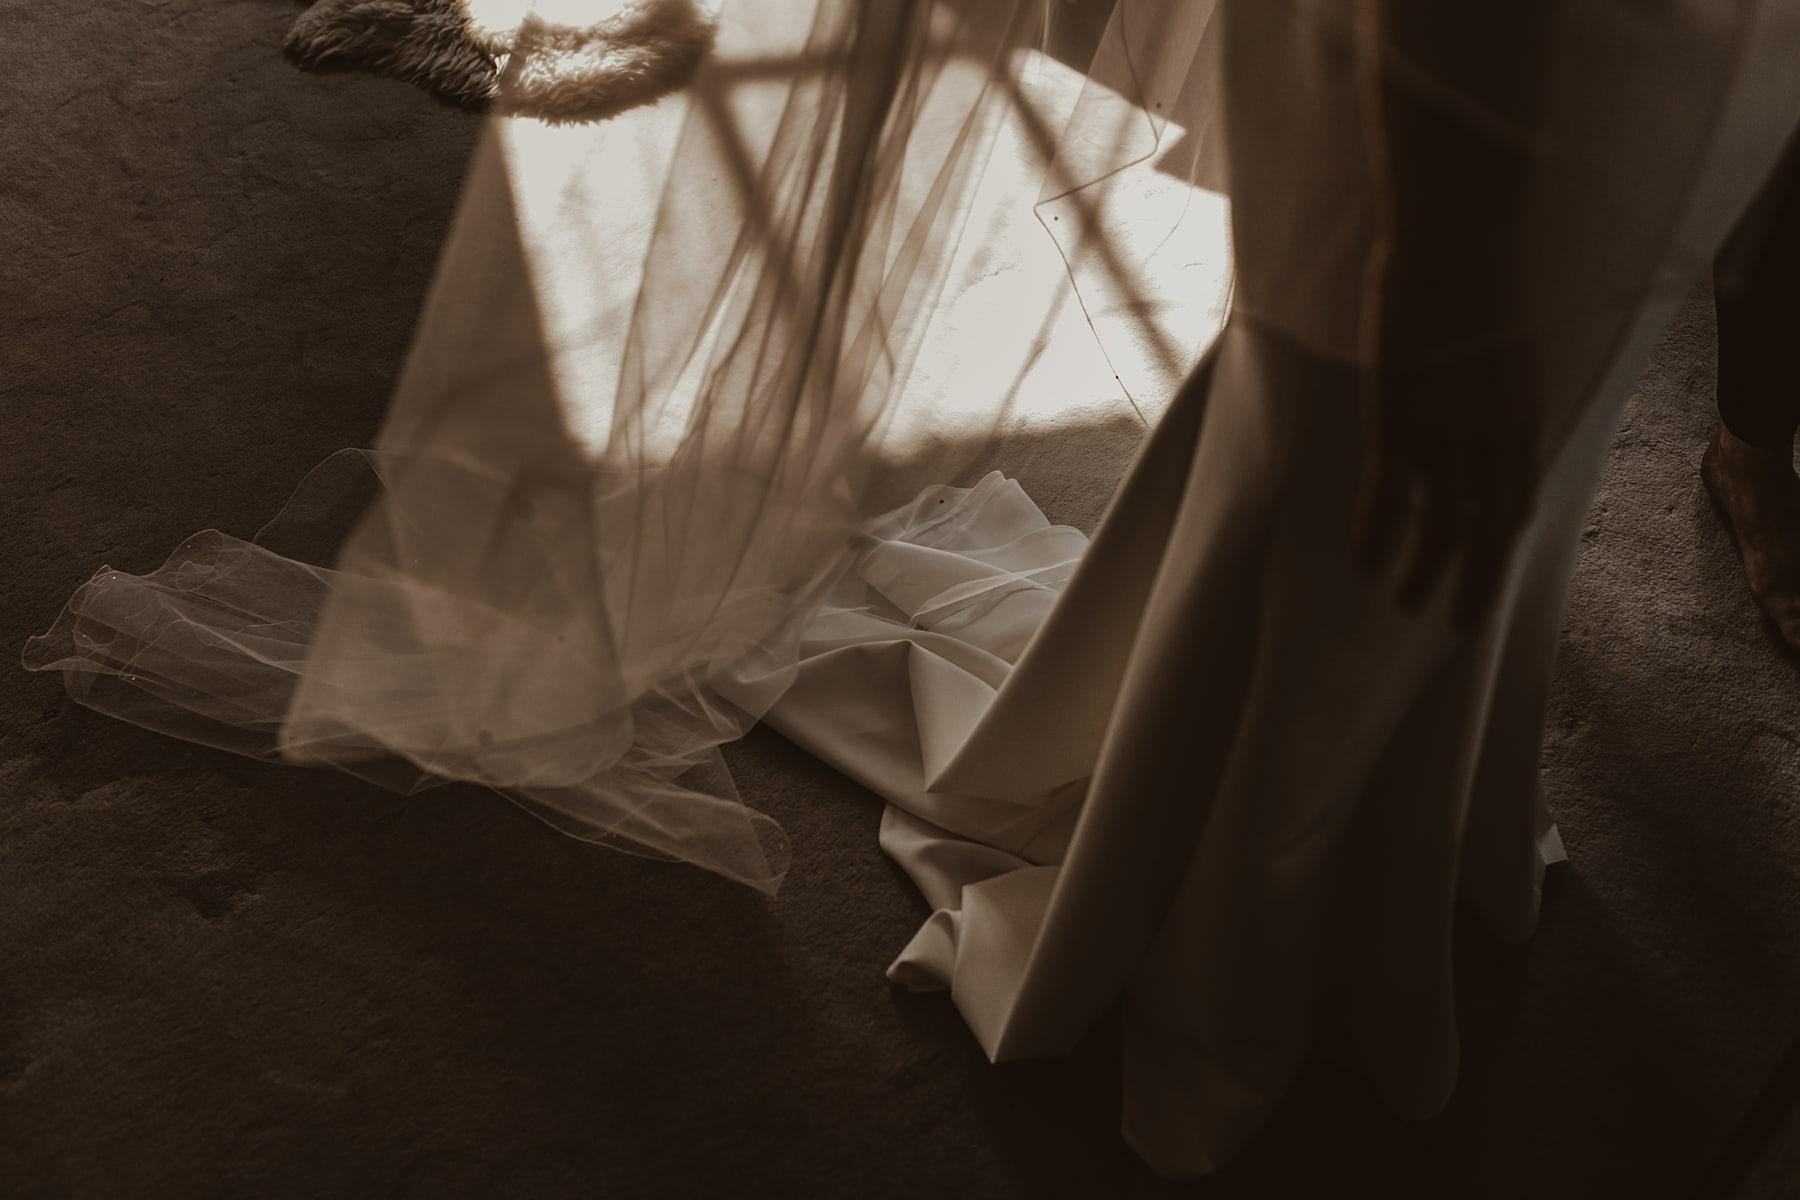 Shadows through veil